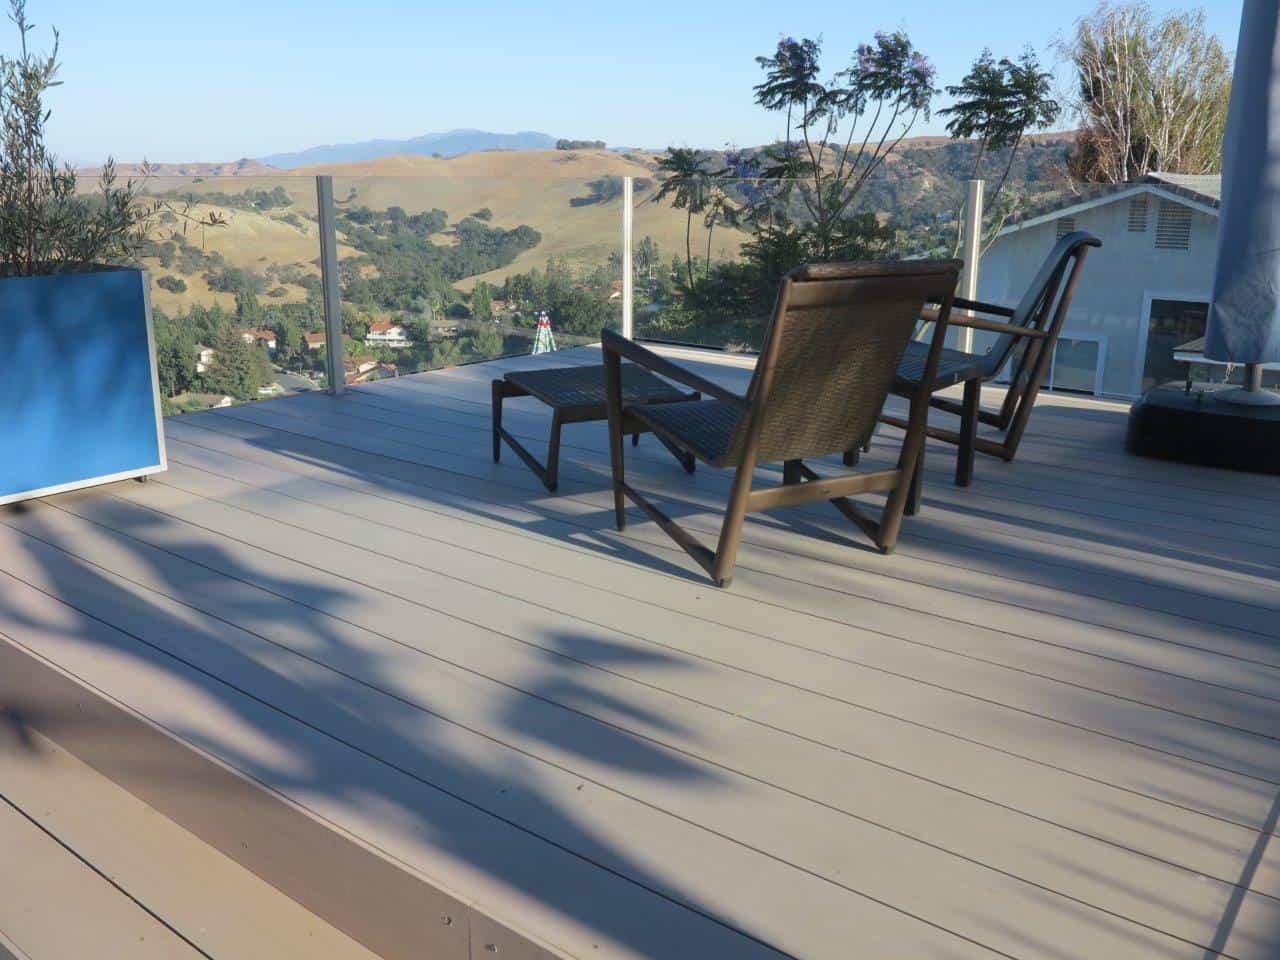 Terrasse mit Resysta Boden